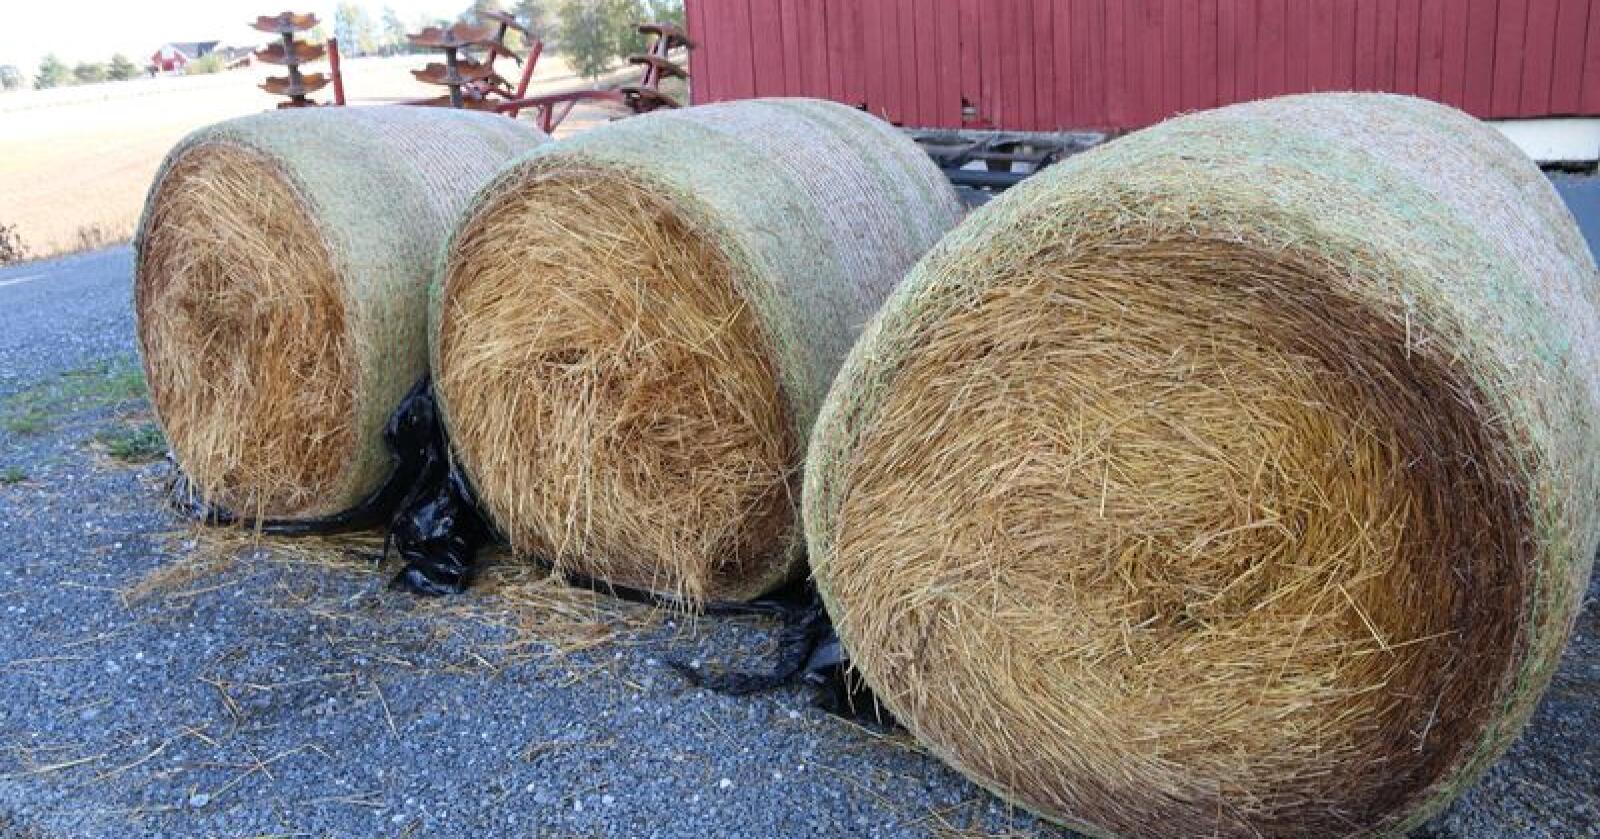 Må behandles: Halmen bør behandles med amoniakk for å gjøre fiberen mer fordøyelig. Foto: Øystein Heggdal.